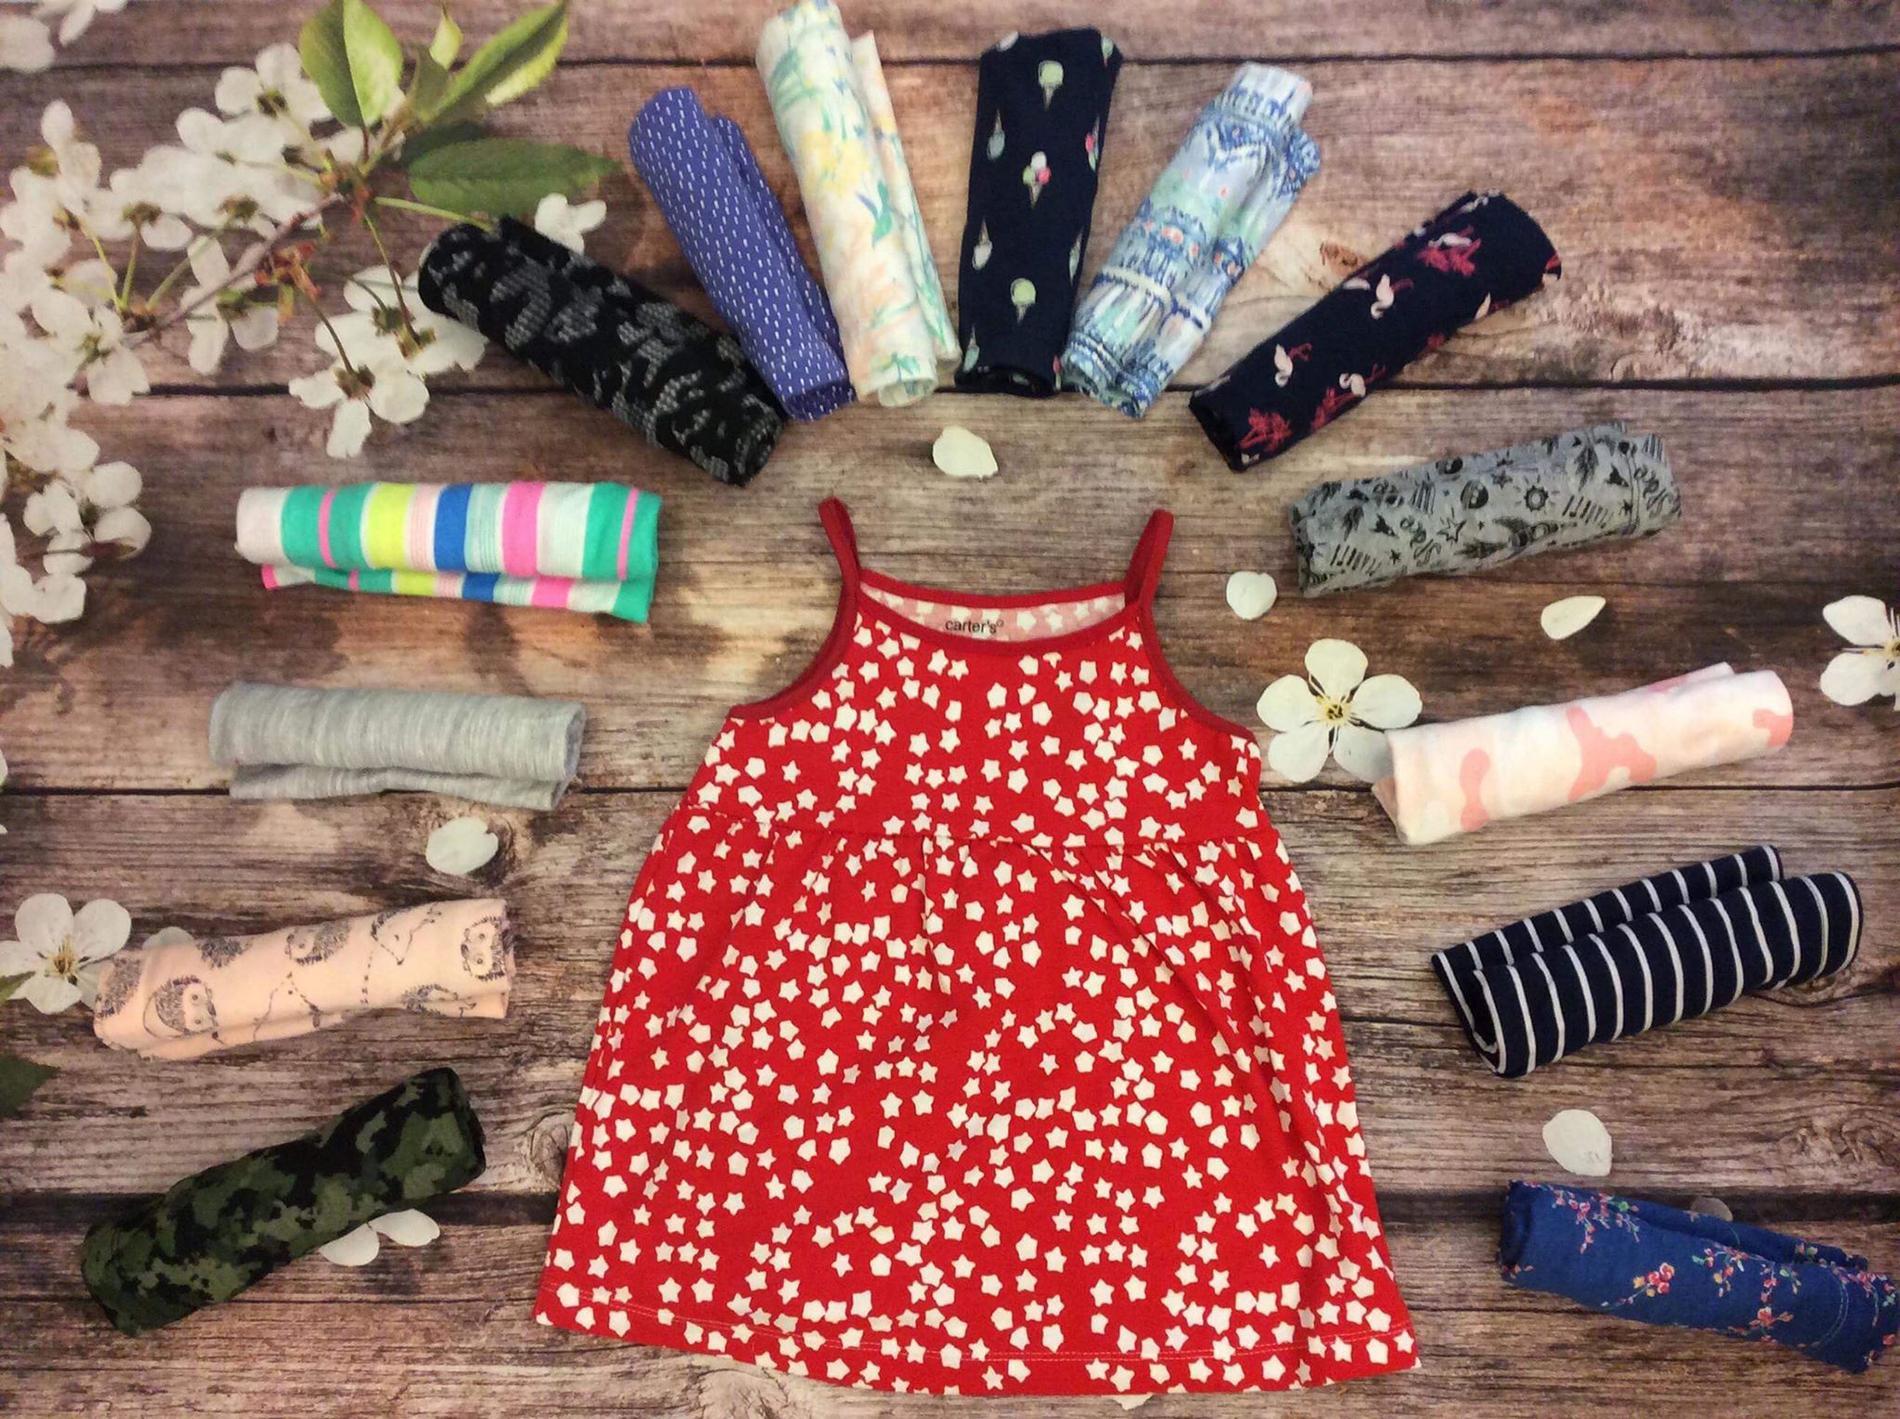 Giá bán 01 Váy 2 dây bé gái 1-7 tuổi mầu sắc bất kỳ VAY04 - Click vào trong chọn size